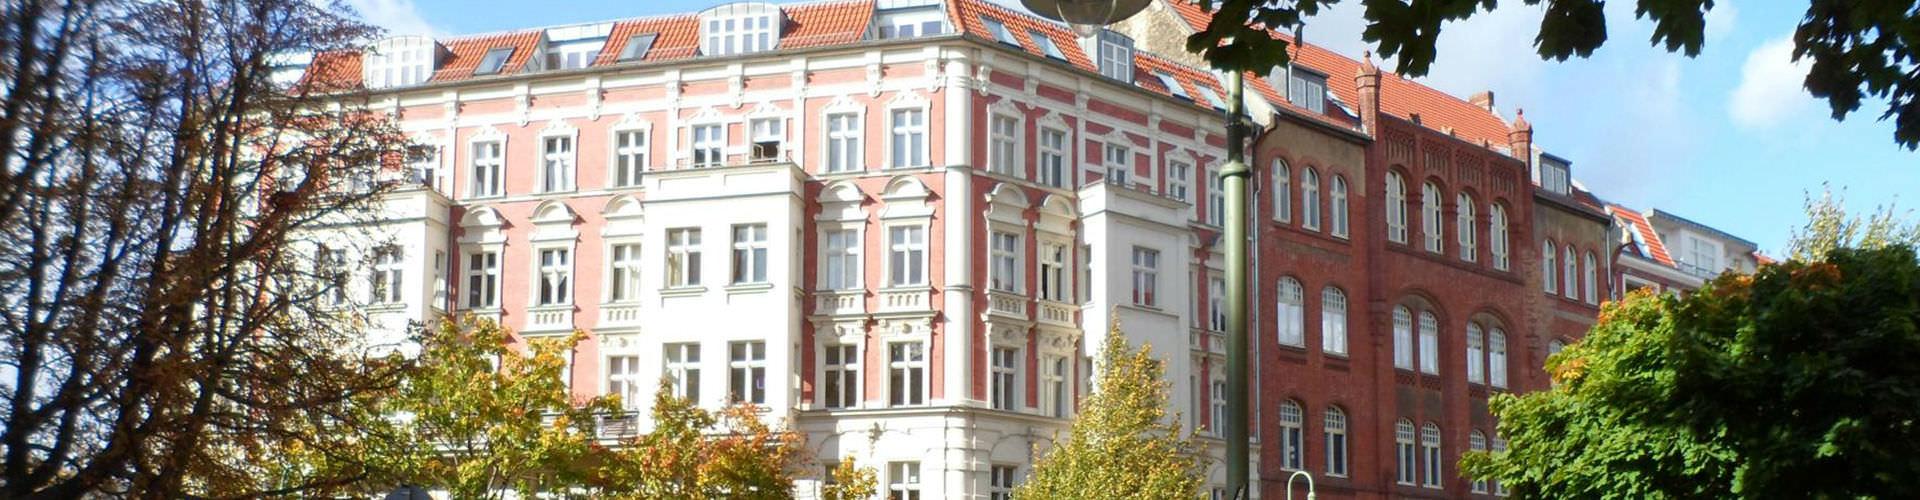 柏林 – Prenzlauer Berg区的宾馆。柏林地图,柏林每间宾馆的照片和评价。